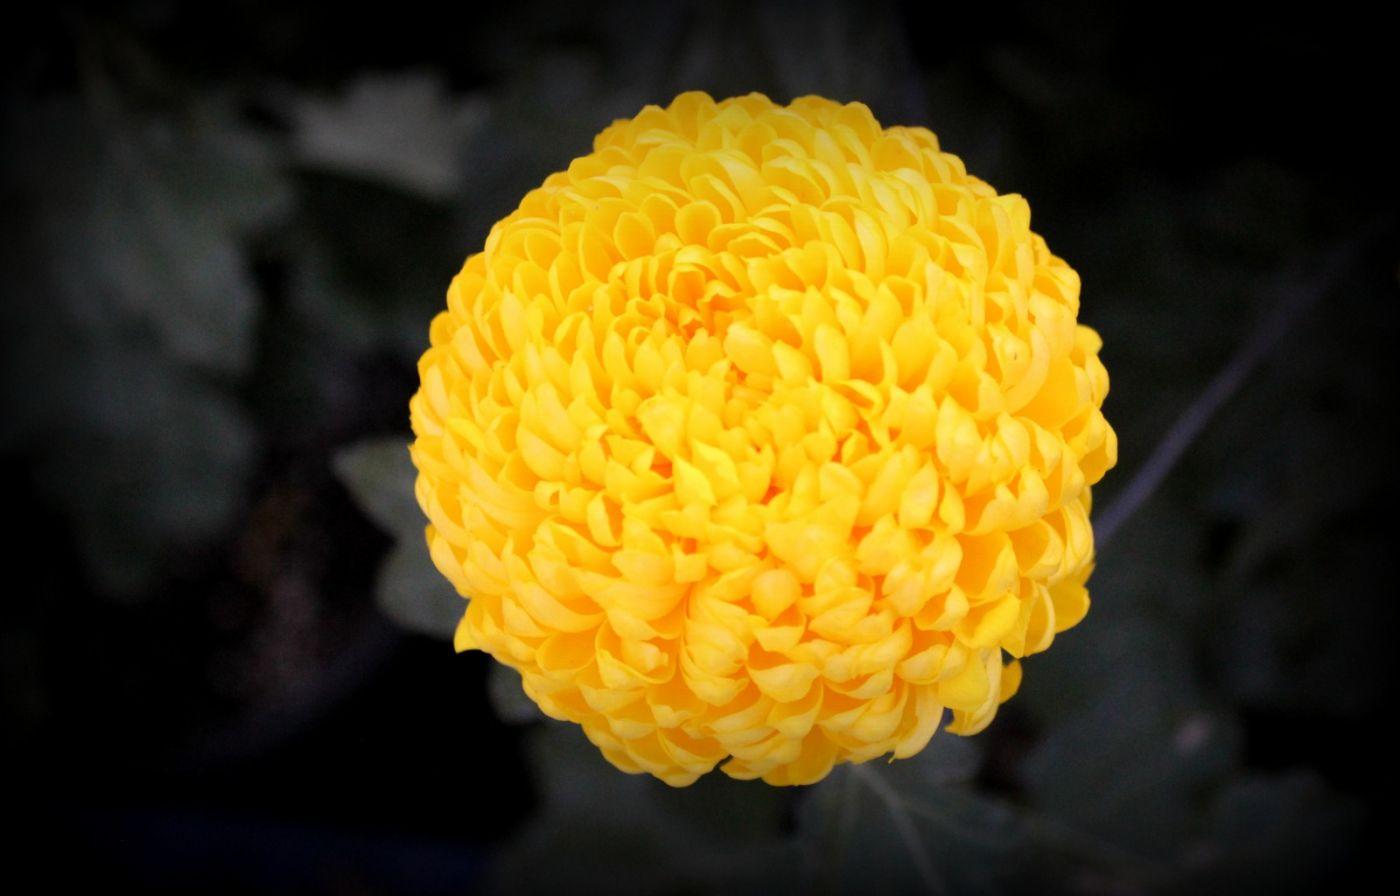 植物园日本菊花展_图1-4